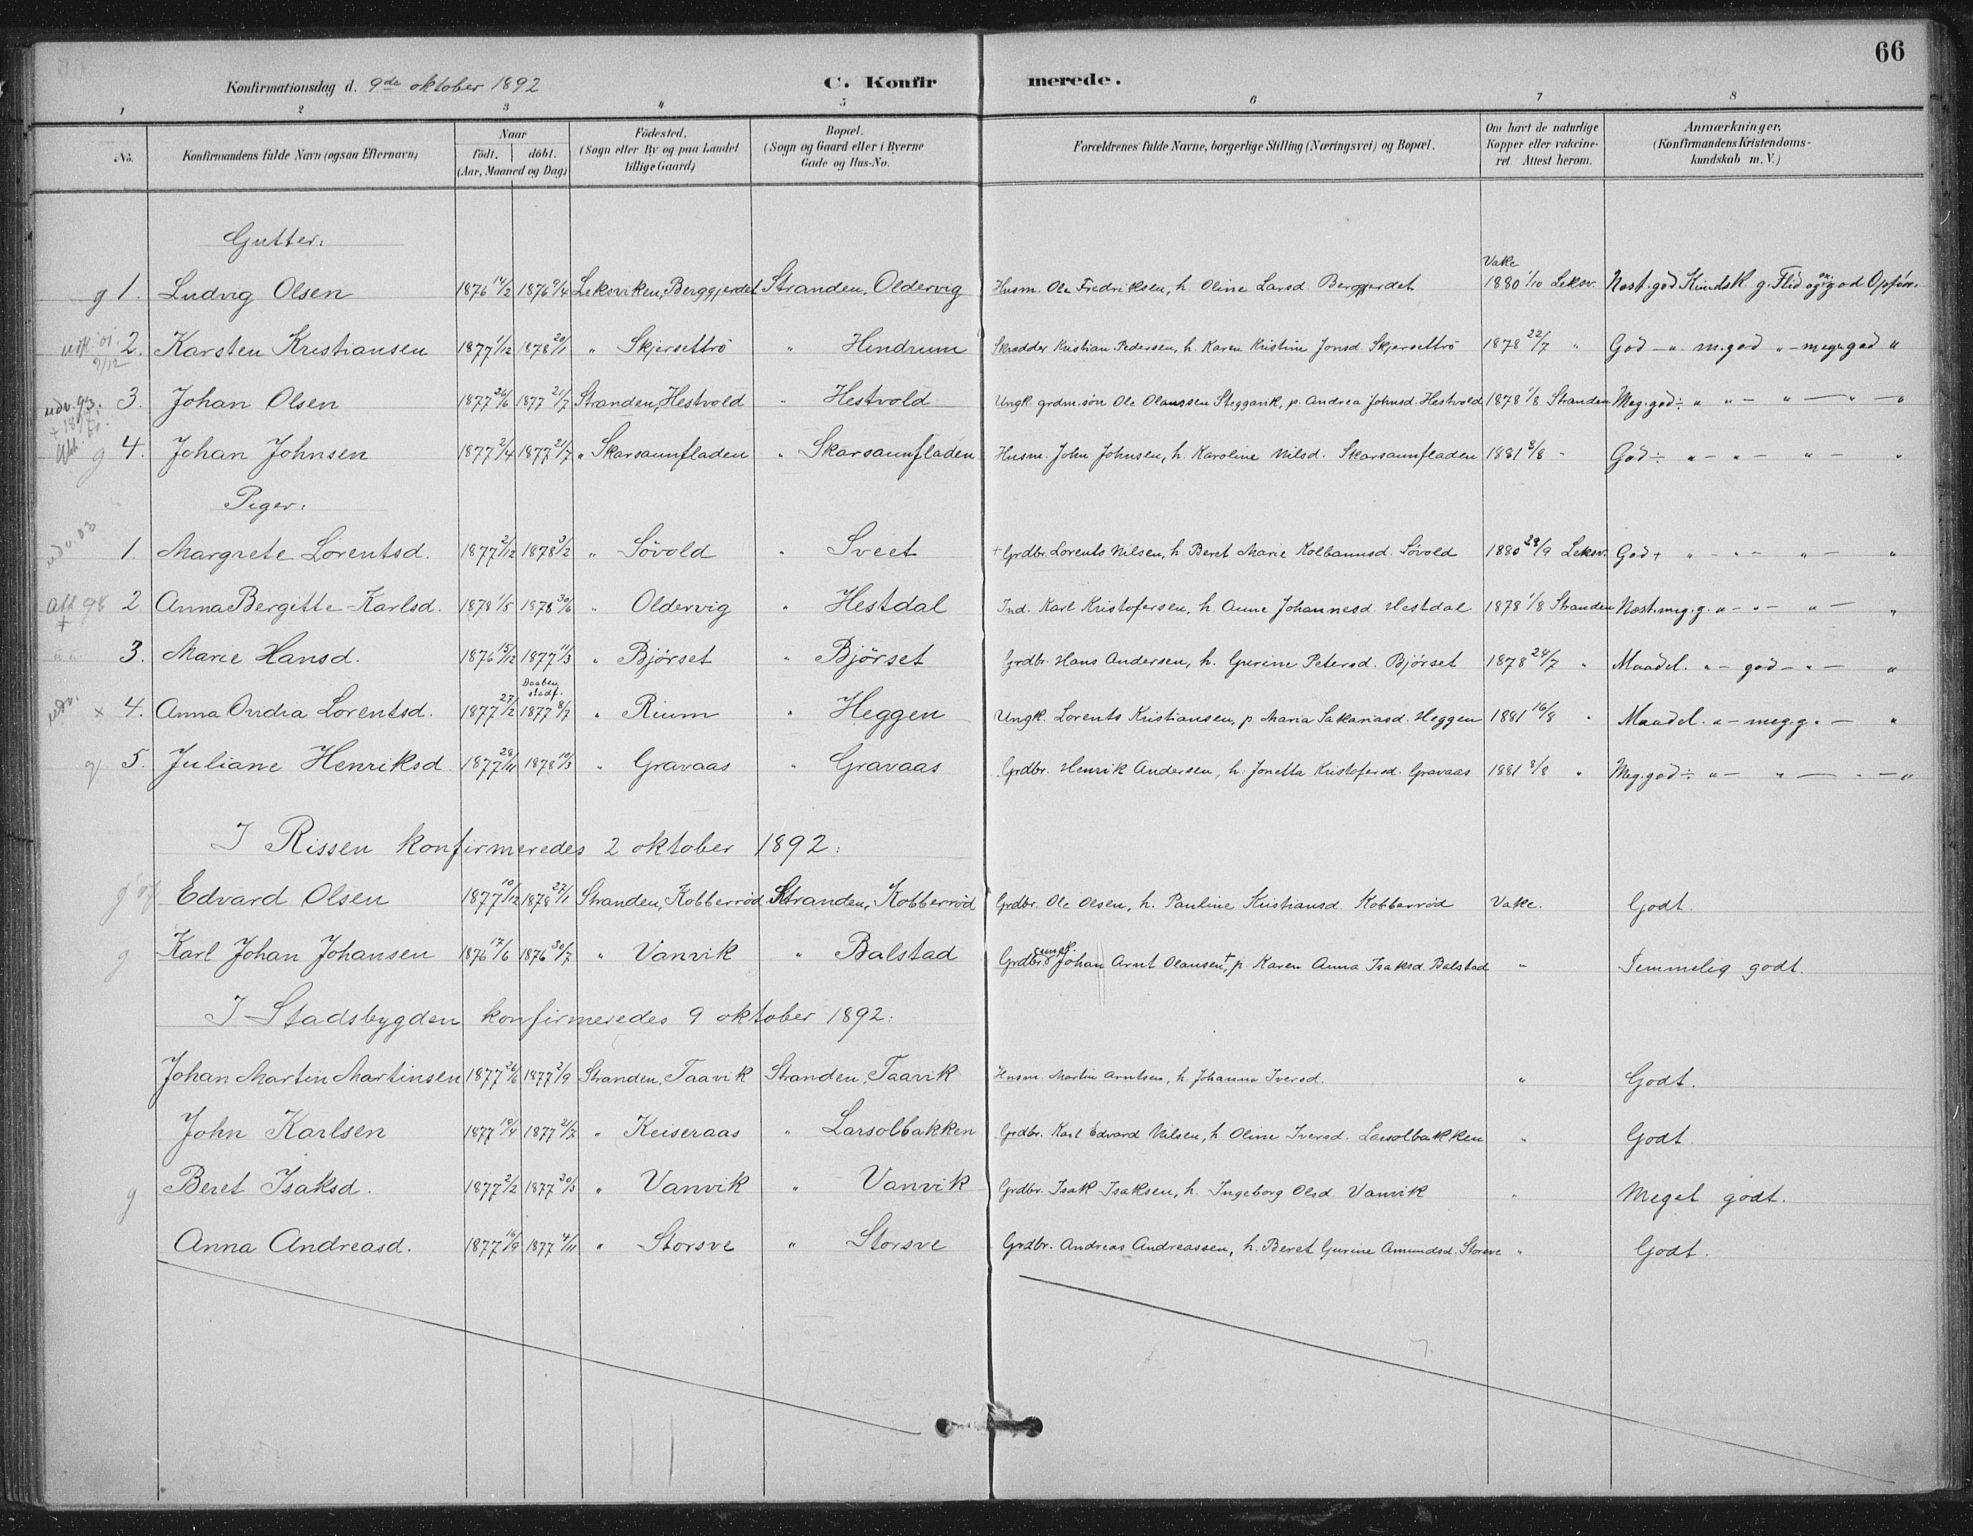 SAT, Ministerialprotokoller, klokkerbøker og fødselsregistre - Nord-Trøndelag, 702/L0023: Ministerialbok nr. 702A01, 1883-1897, s. 66